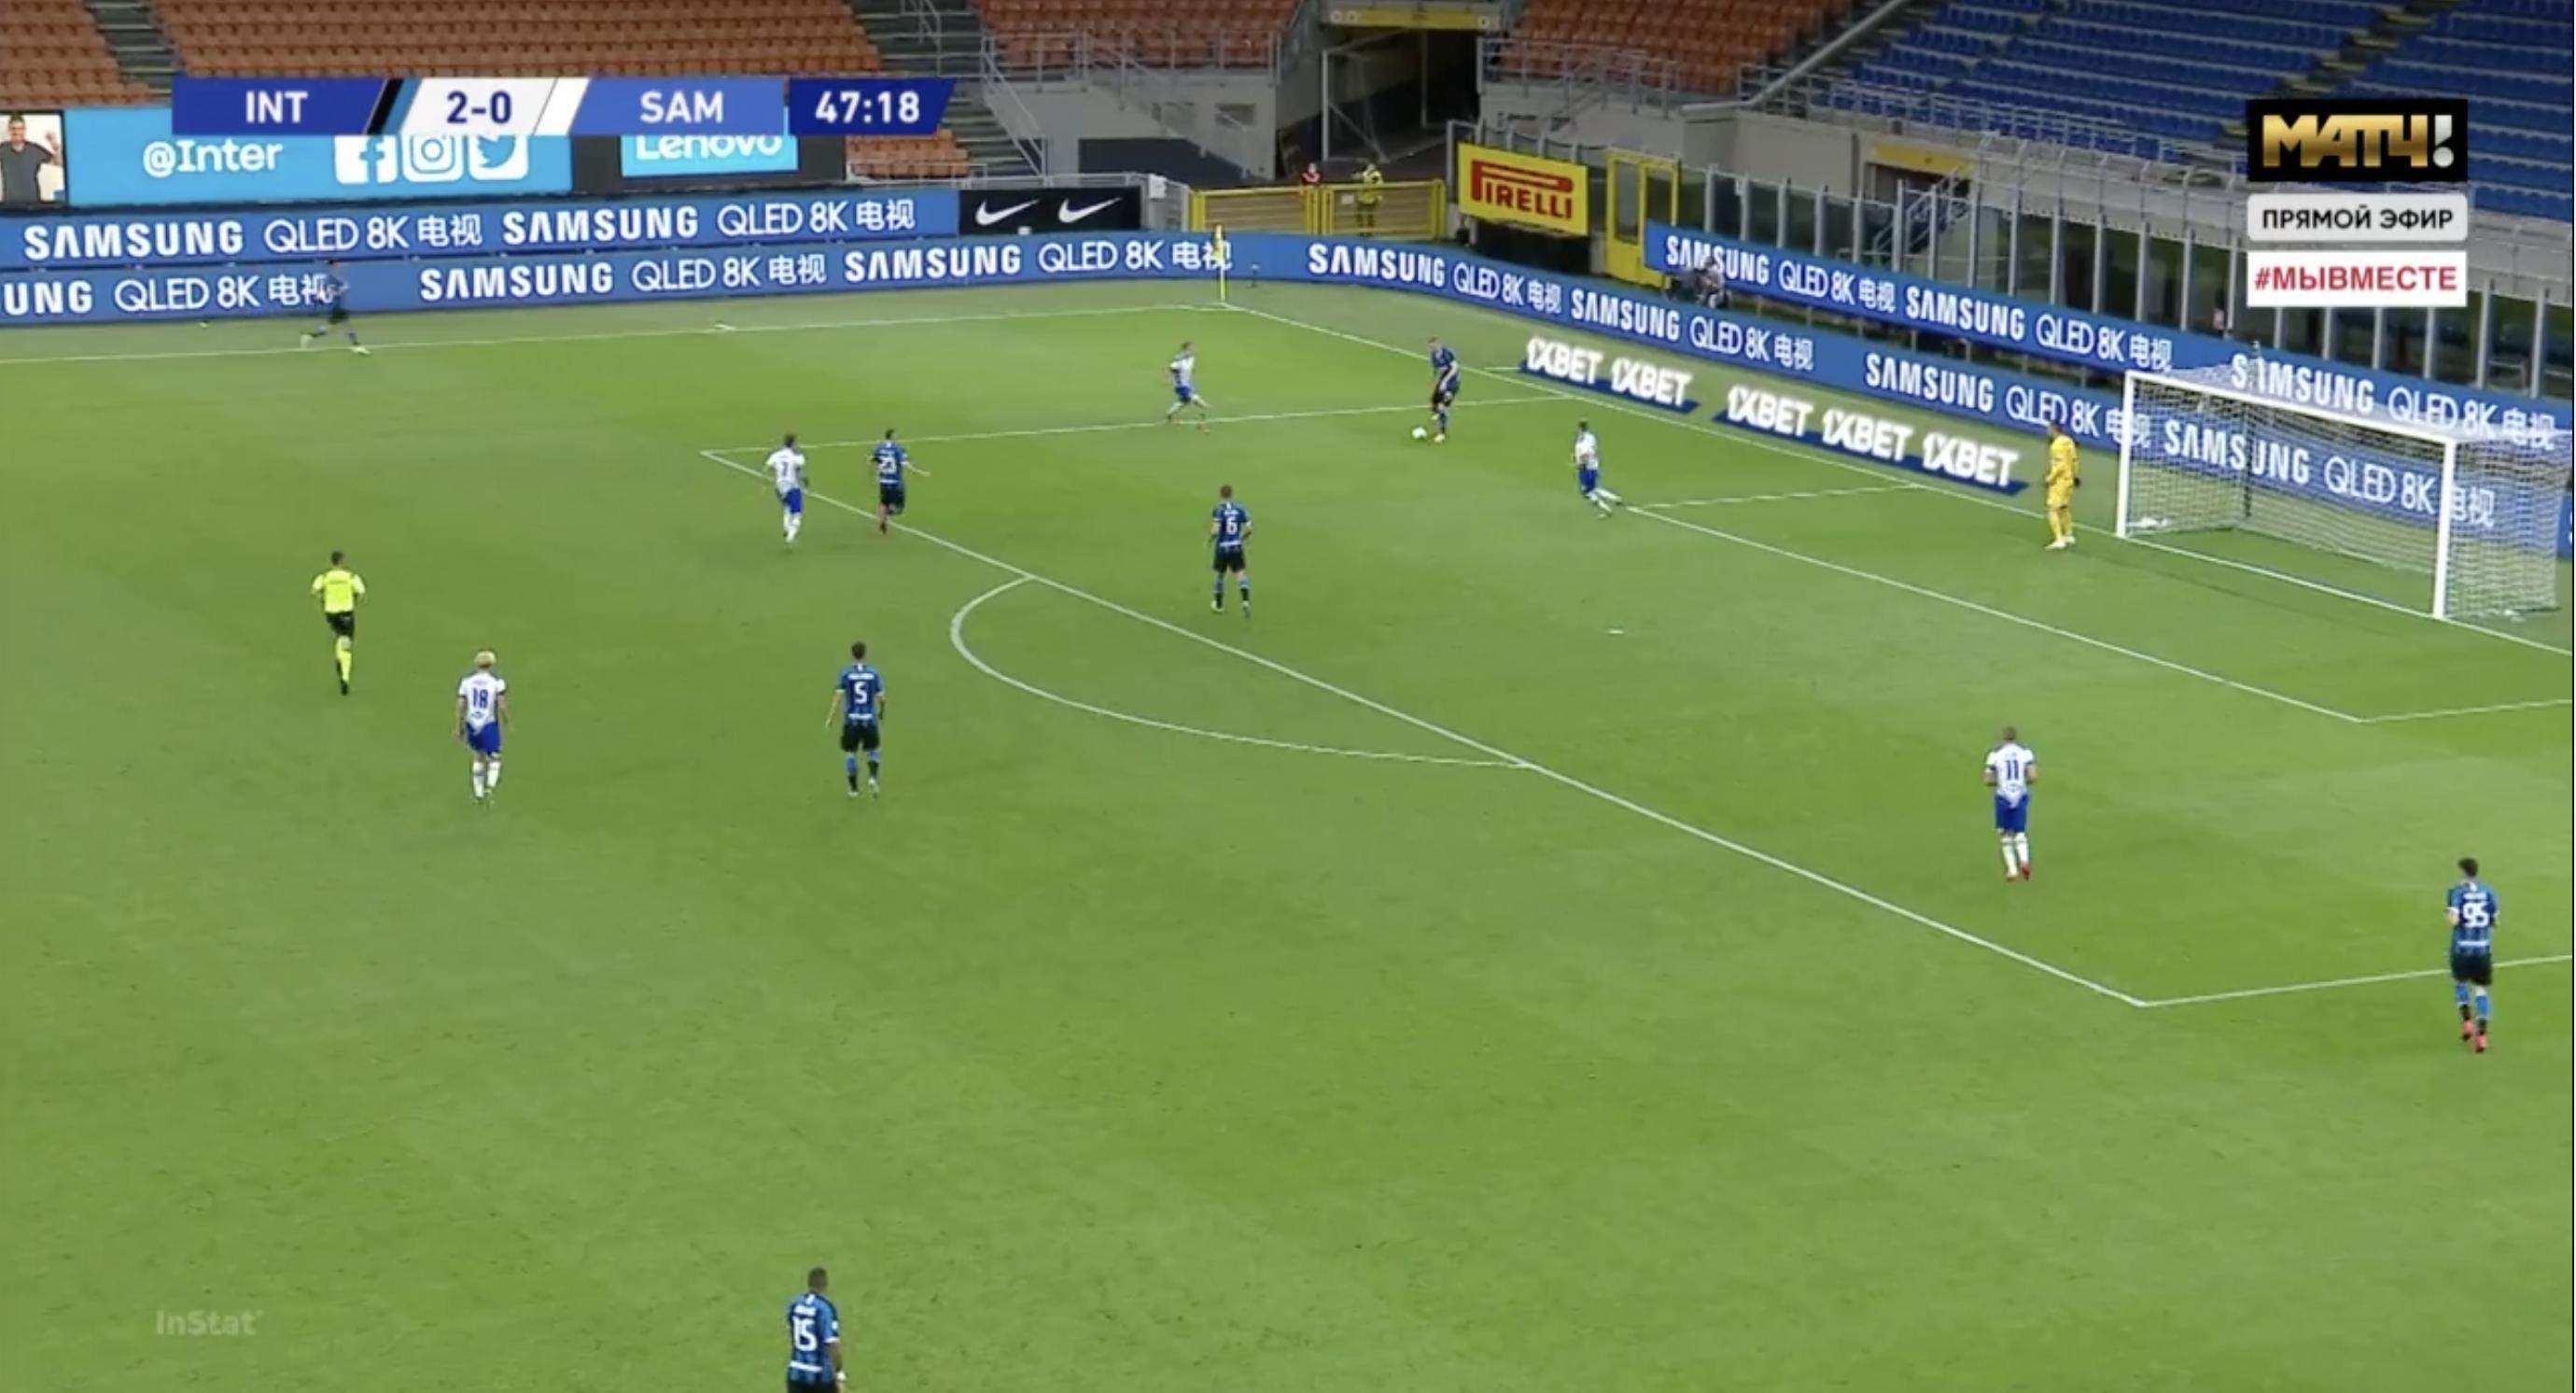 Serie A 2019/20: Inter Milan vs Sampdoria - tactical analysis tactics